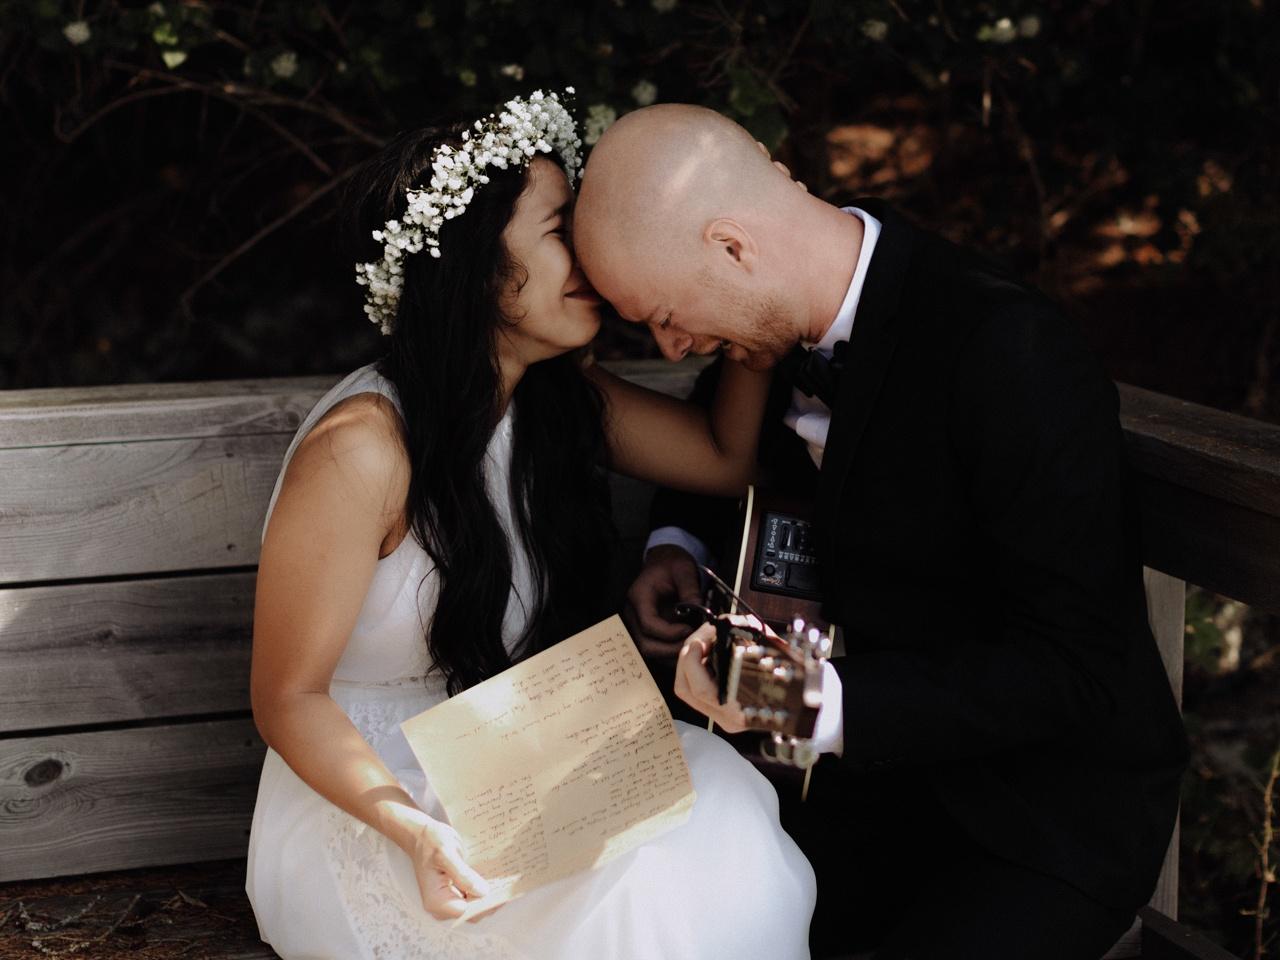 конкурс свадебных фотографий правдина рекомендует также